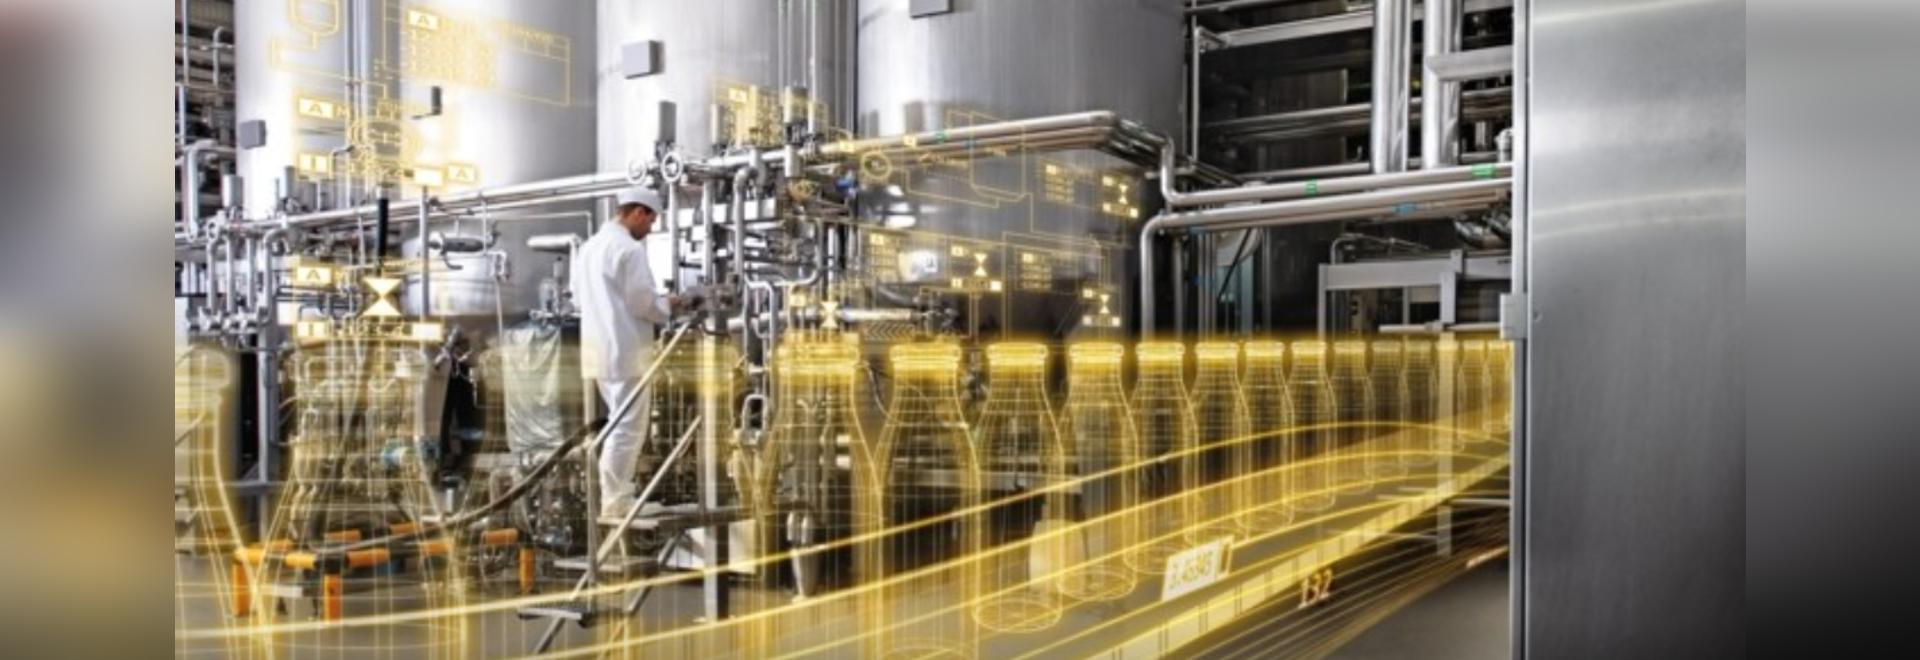 El análisis de las variables de producción explora los problemas y las soluciones